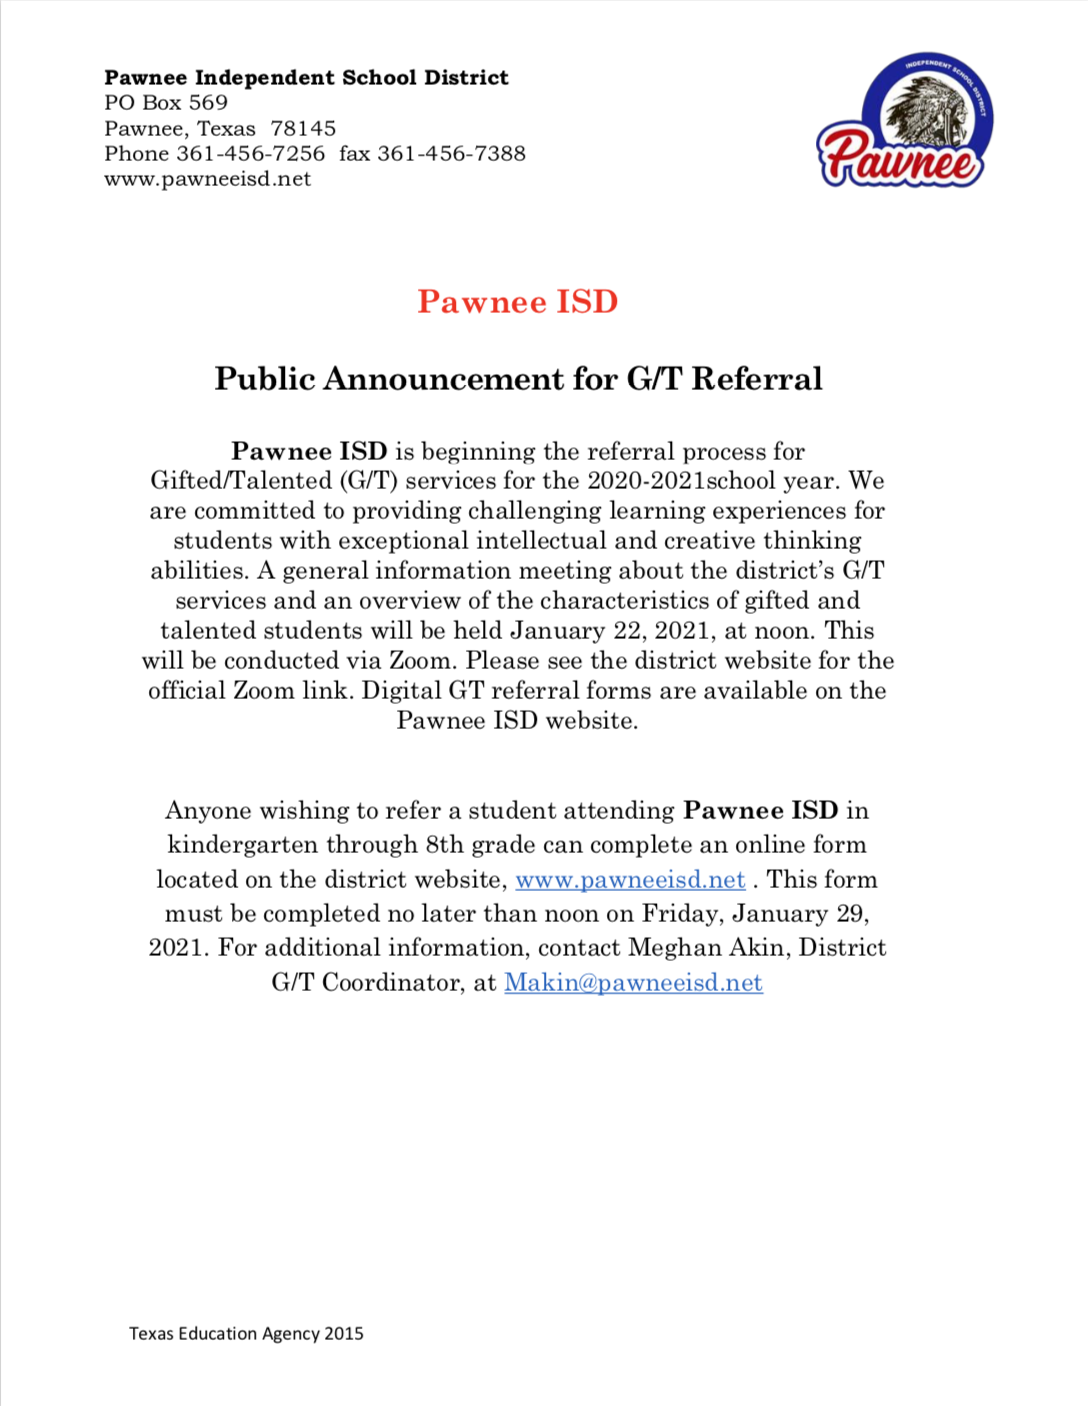 Public Announcement GT Referral